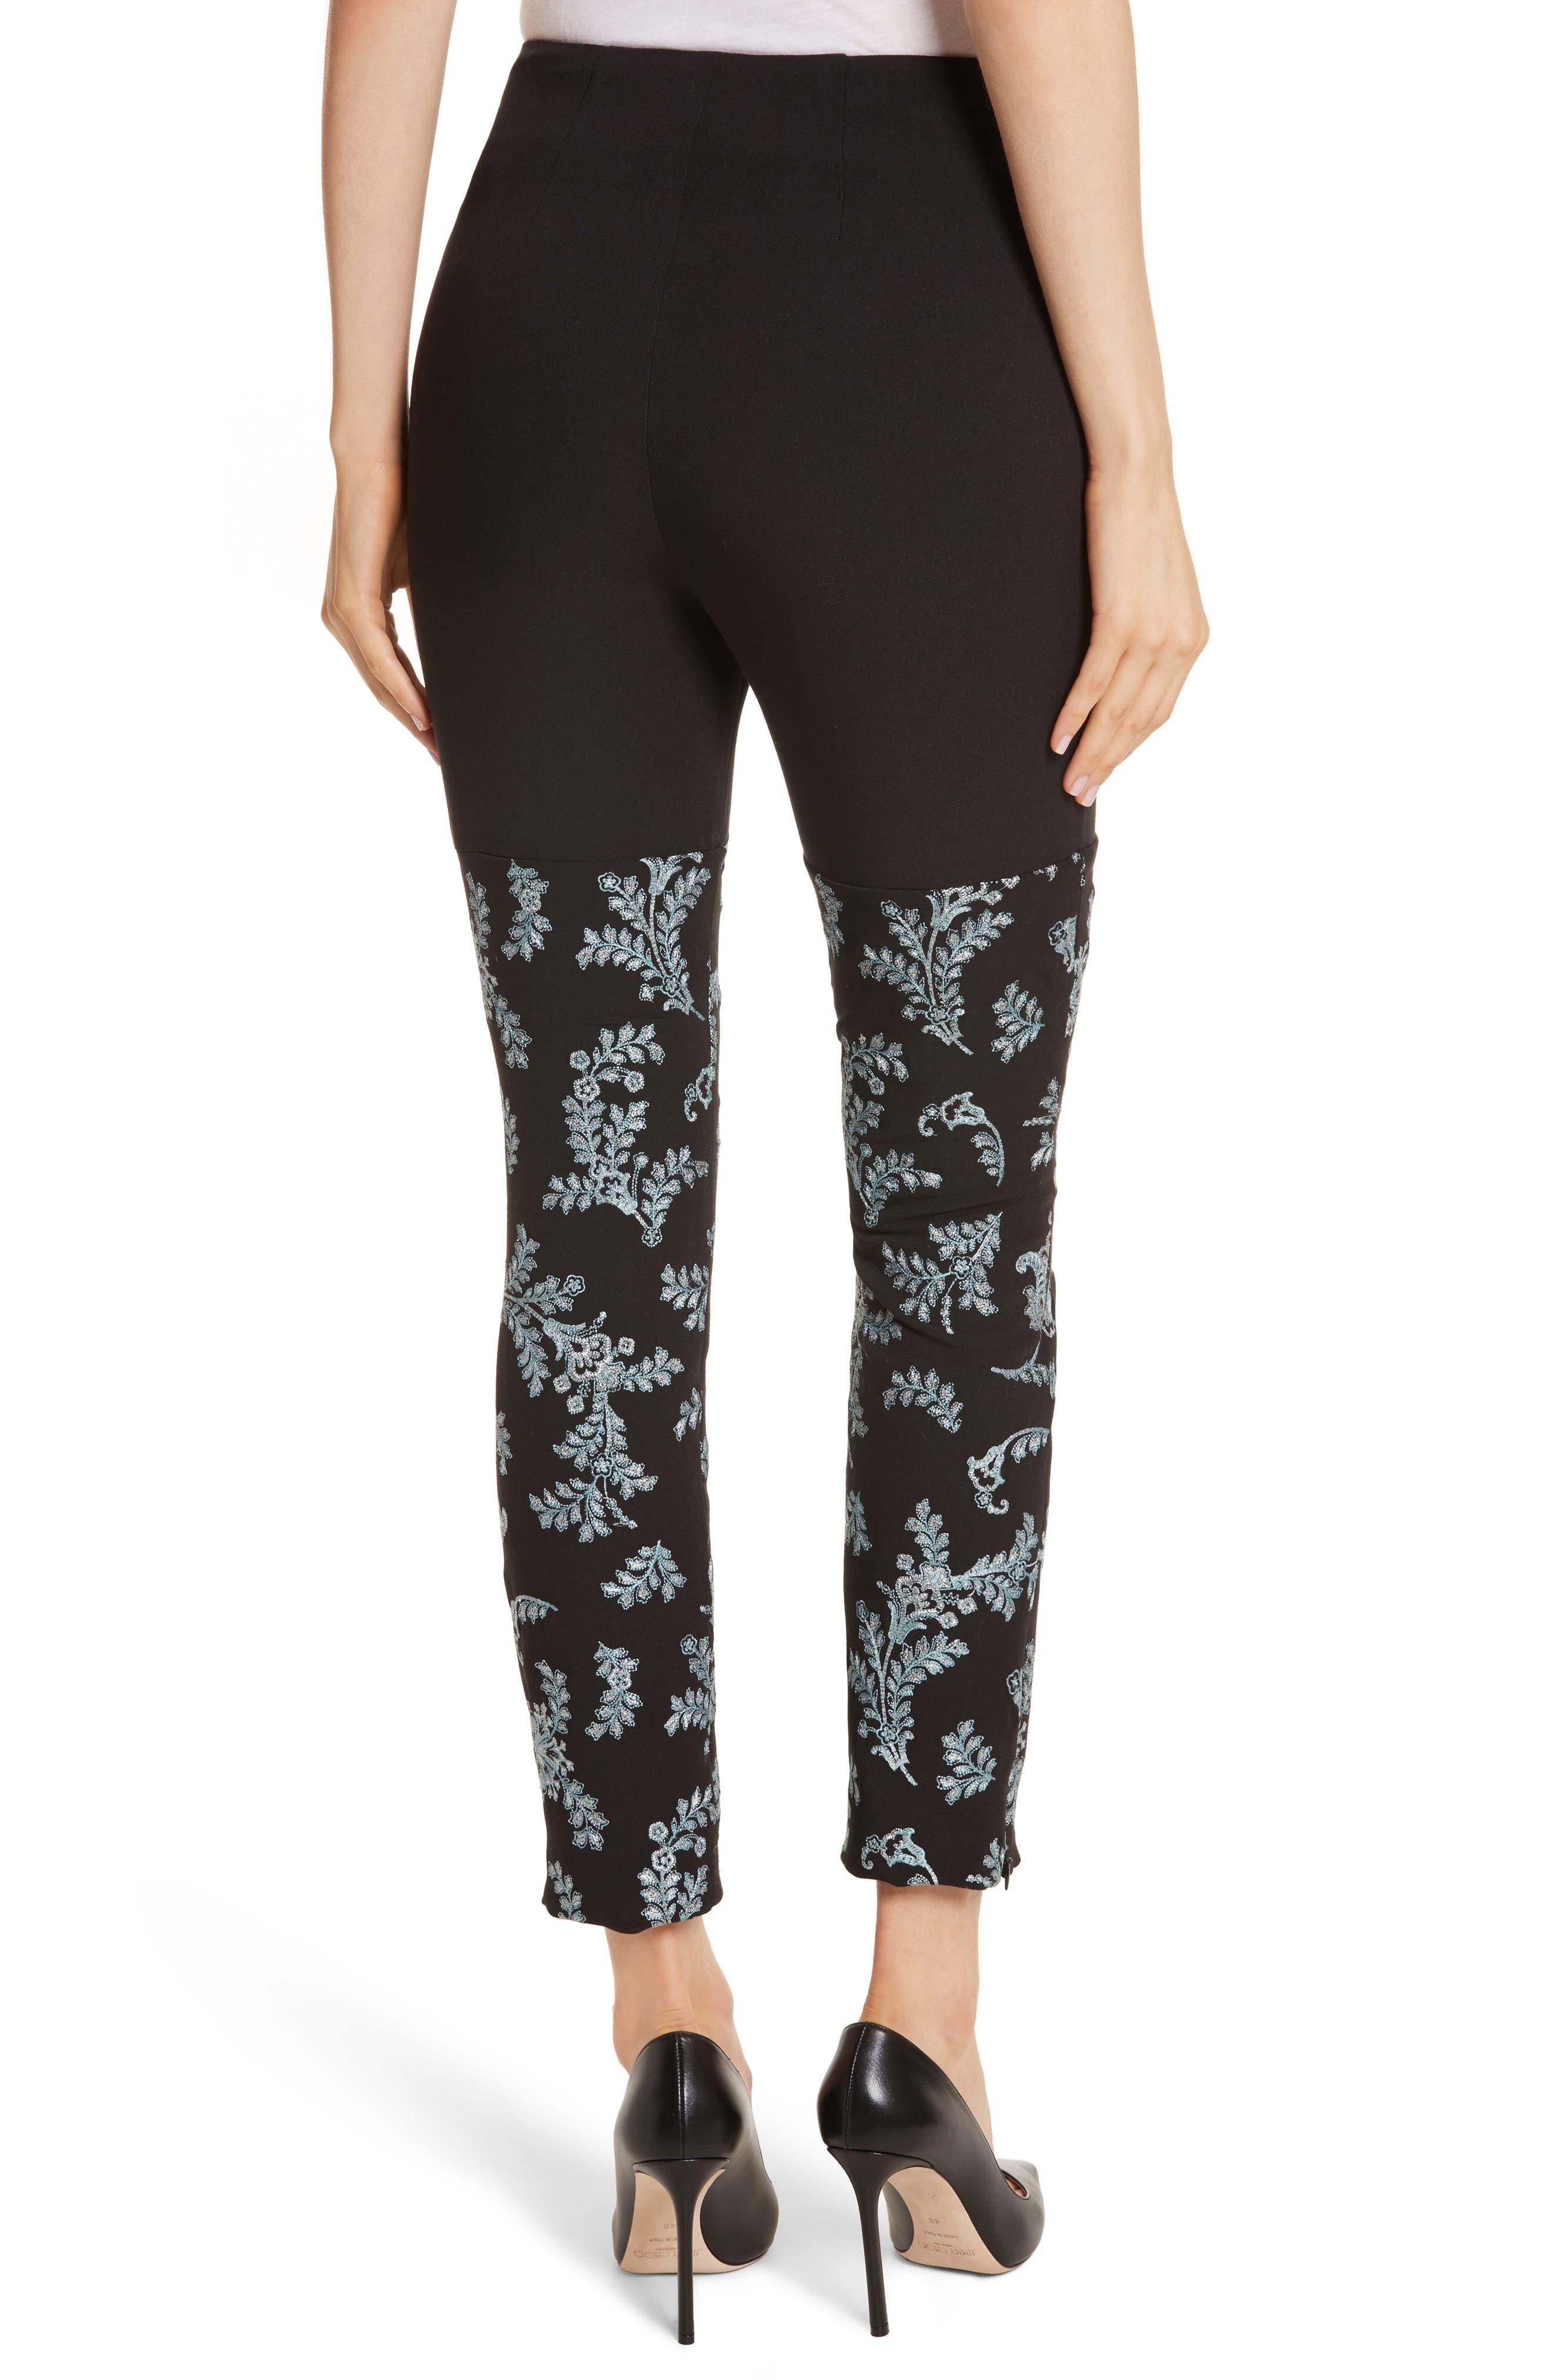 Marin Embroidered Leggings,                             Alternate thumbnail 3, color,                             Black/ Silver/ Sunshower